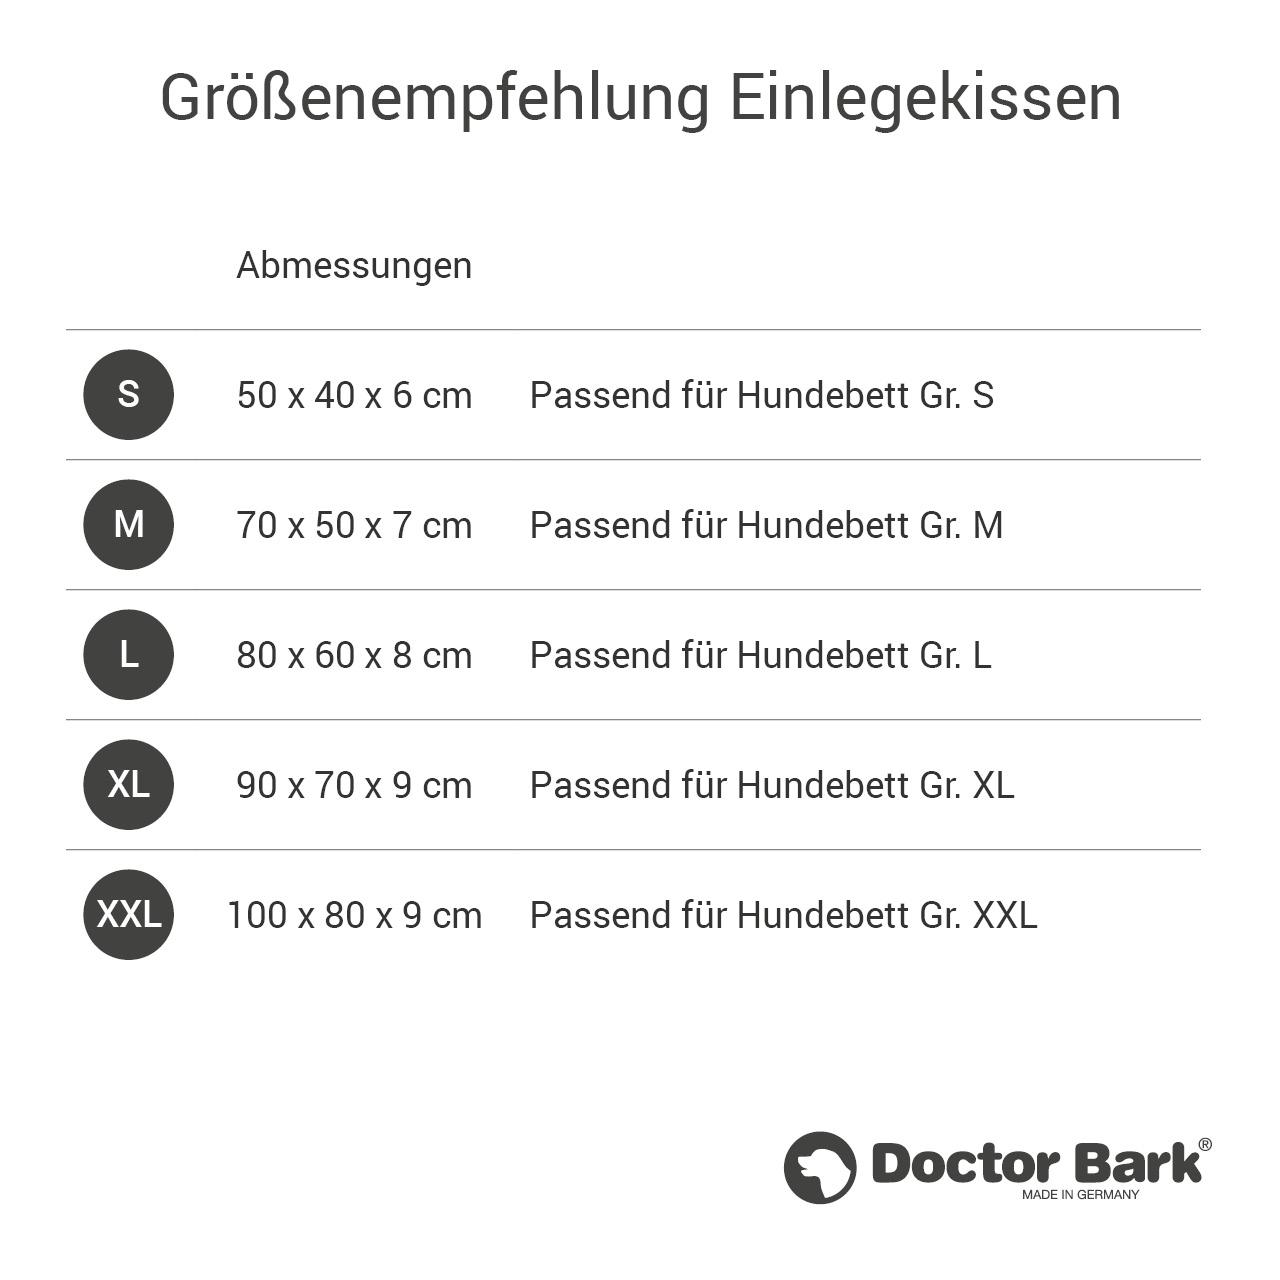 orthopädisches Einlegekissen für Doctor Bark Hundebett Gr. XL - schwarz